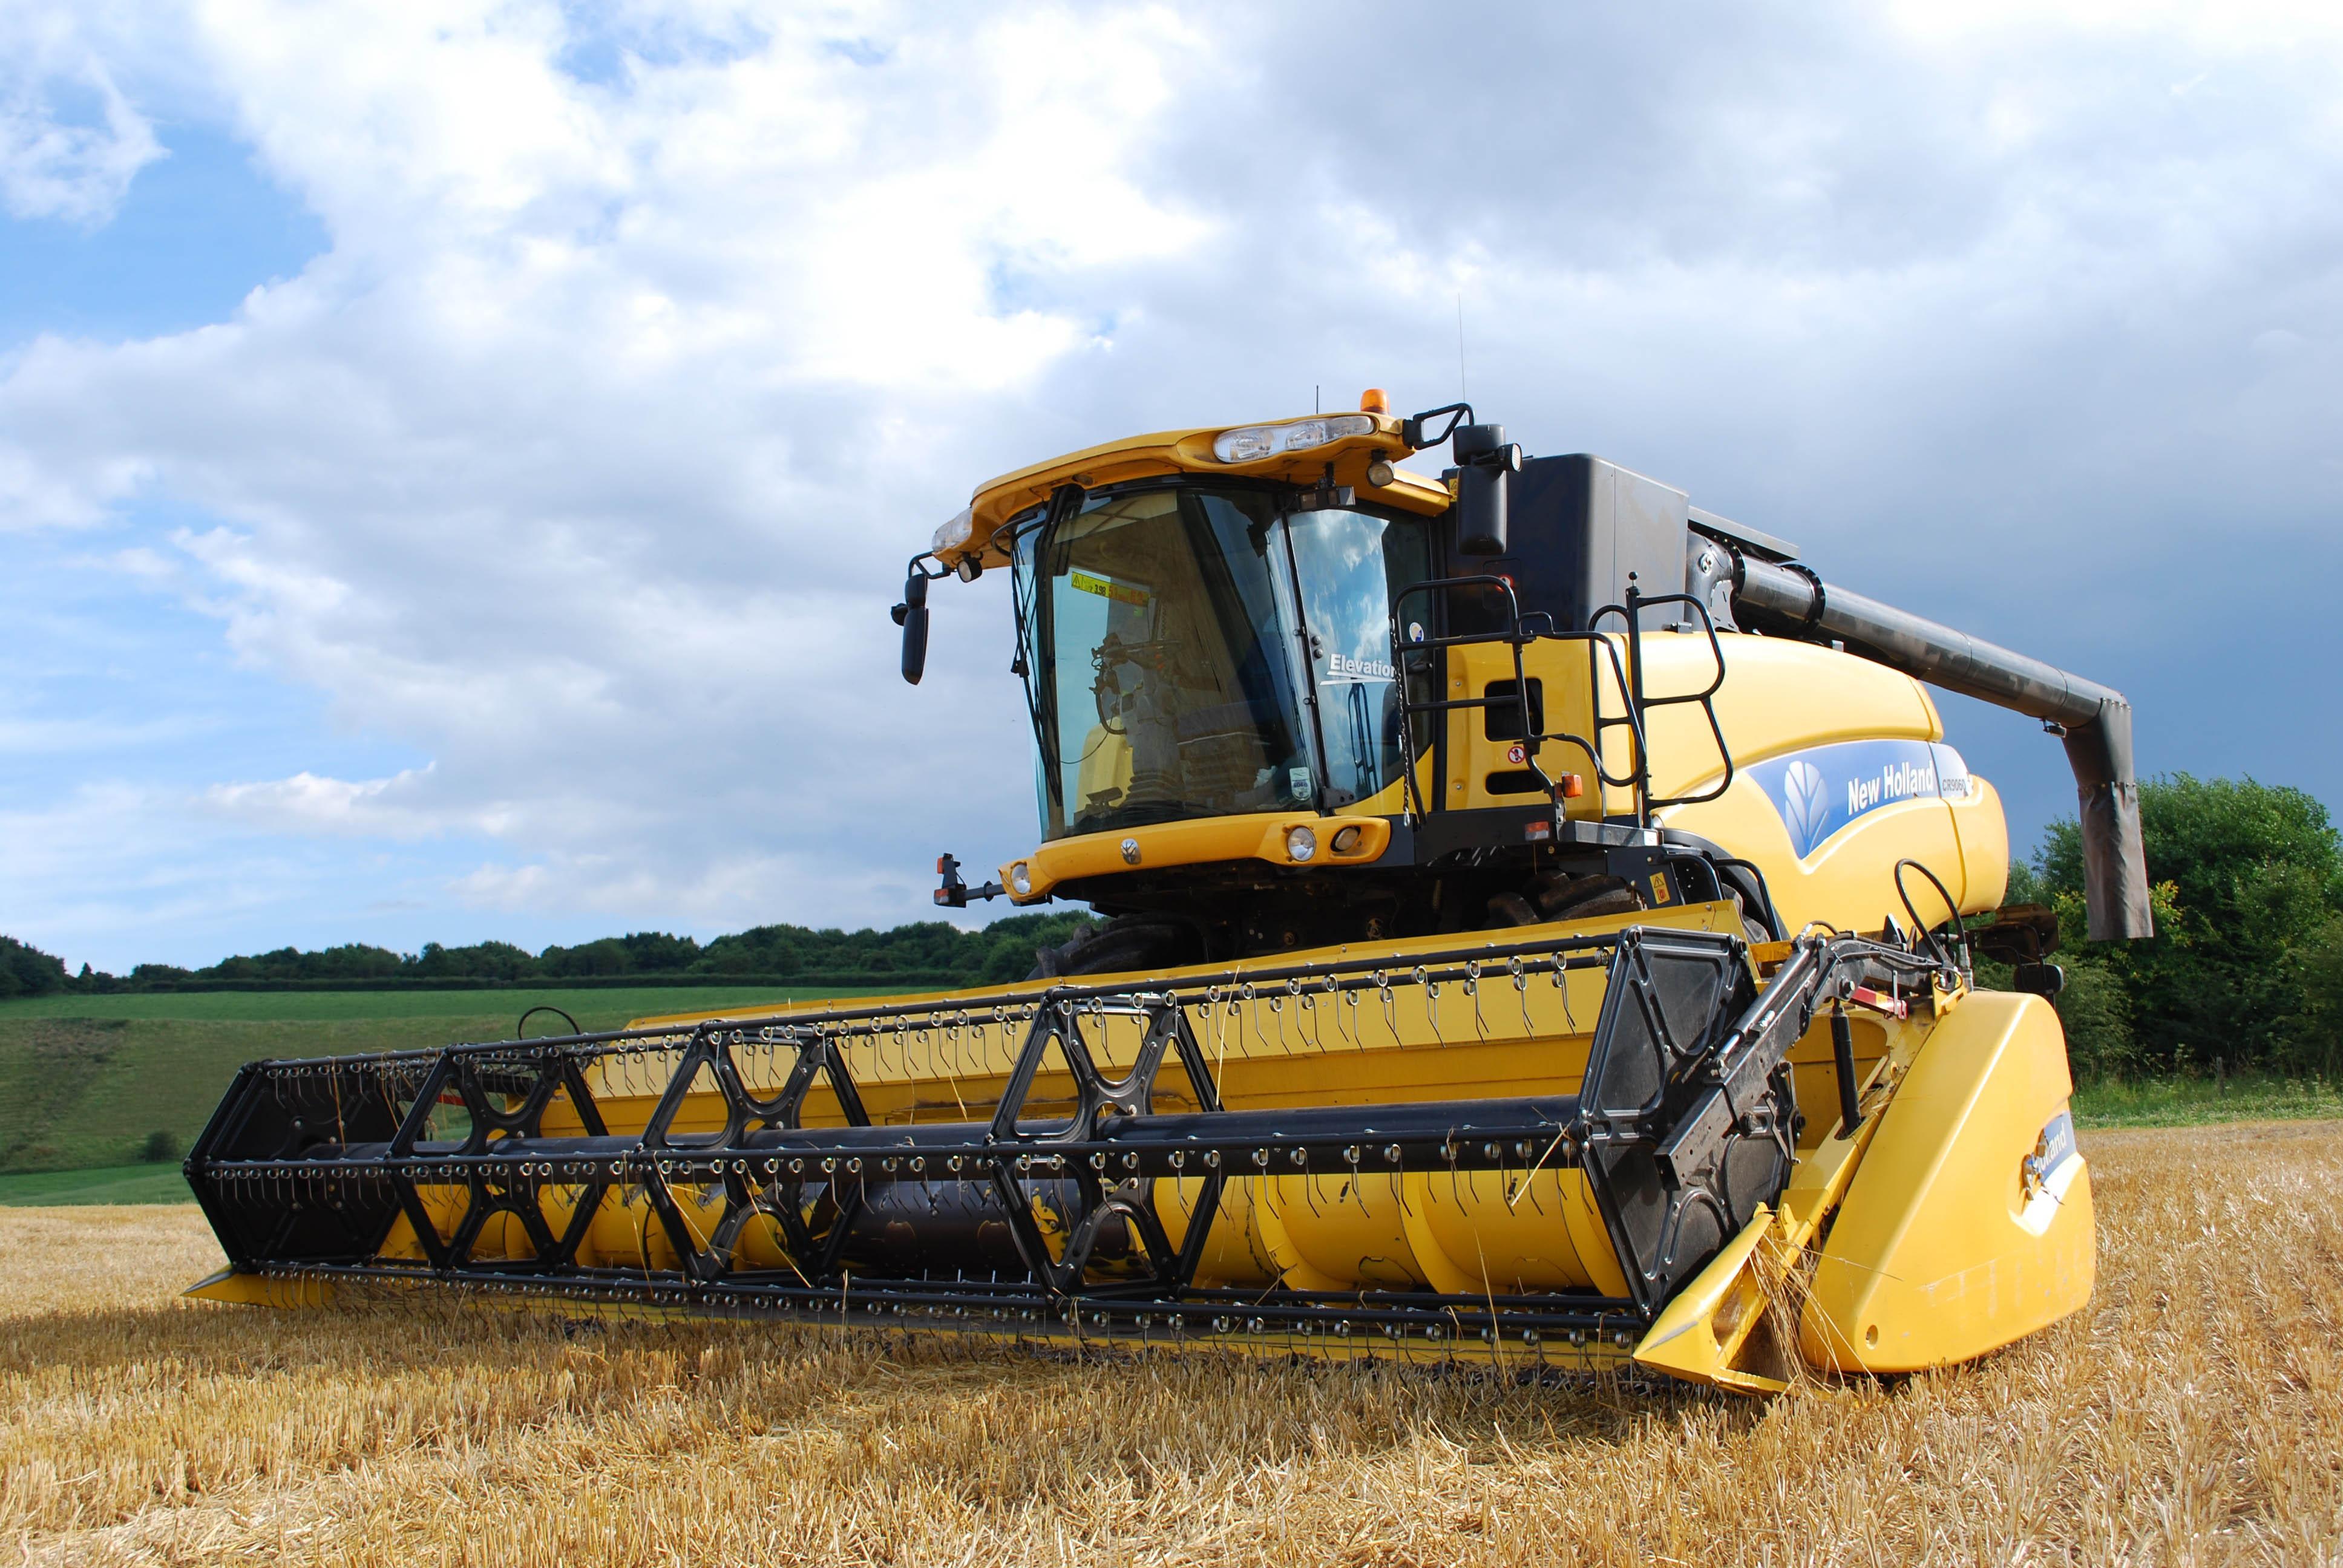 Ar-condicionado em máquinas agrícolas: quais cuidados deve-se tomar?